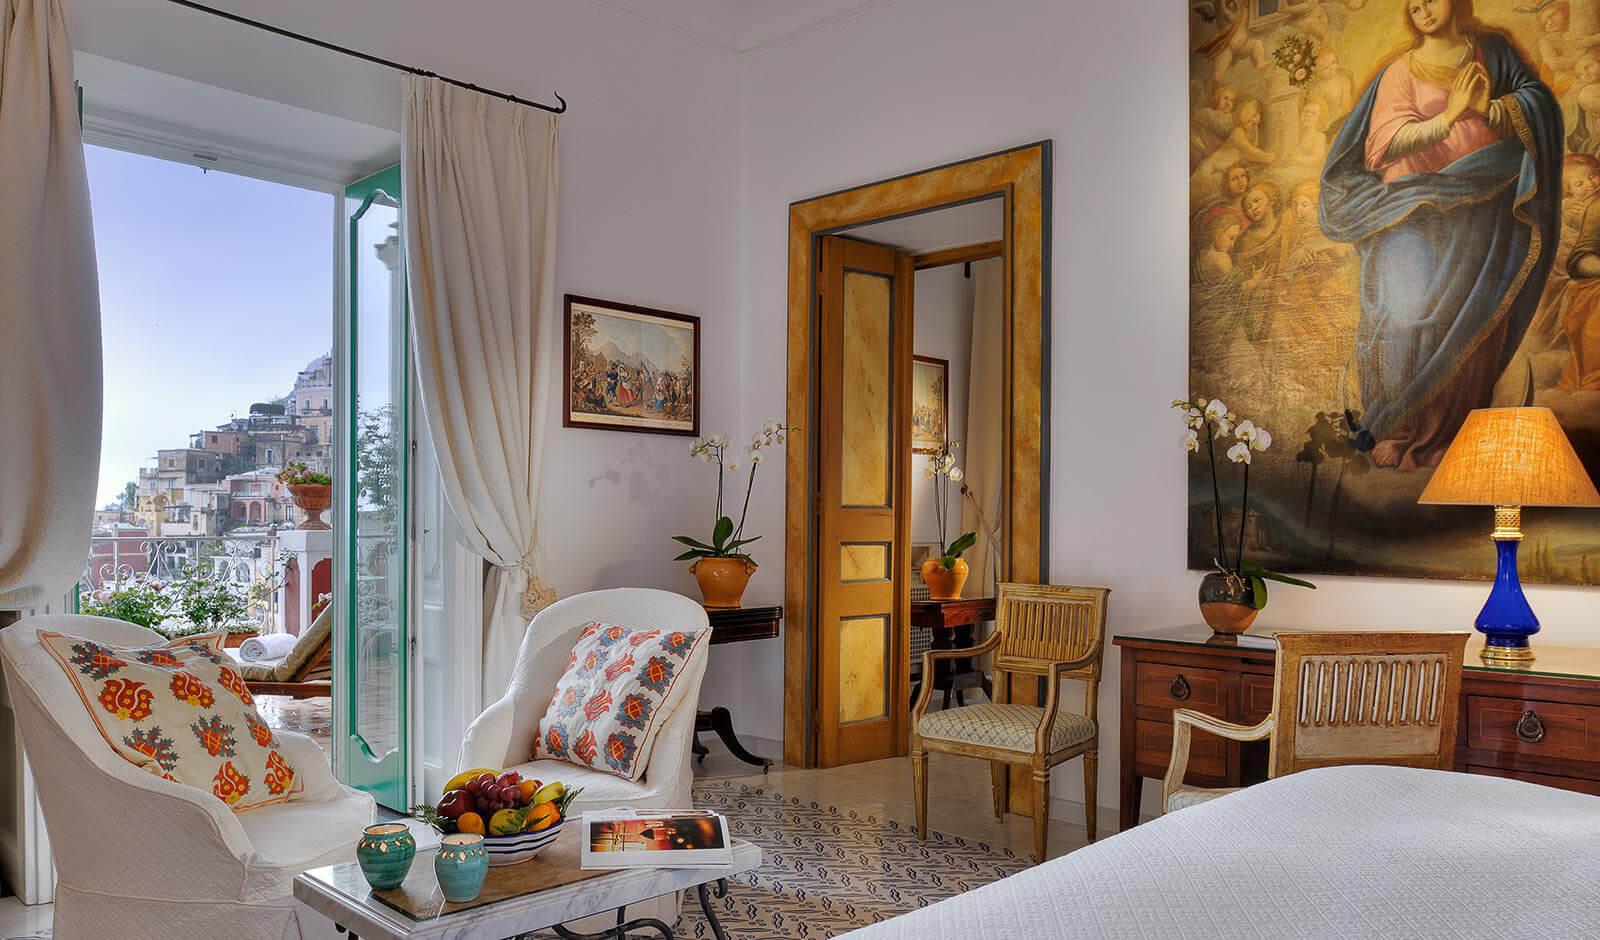 Le Sirenuse, one of the top hotels Amalfi Coast